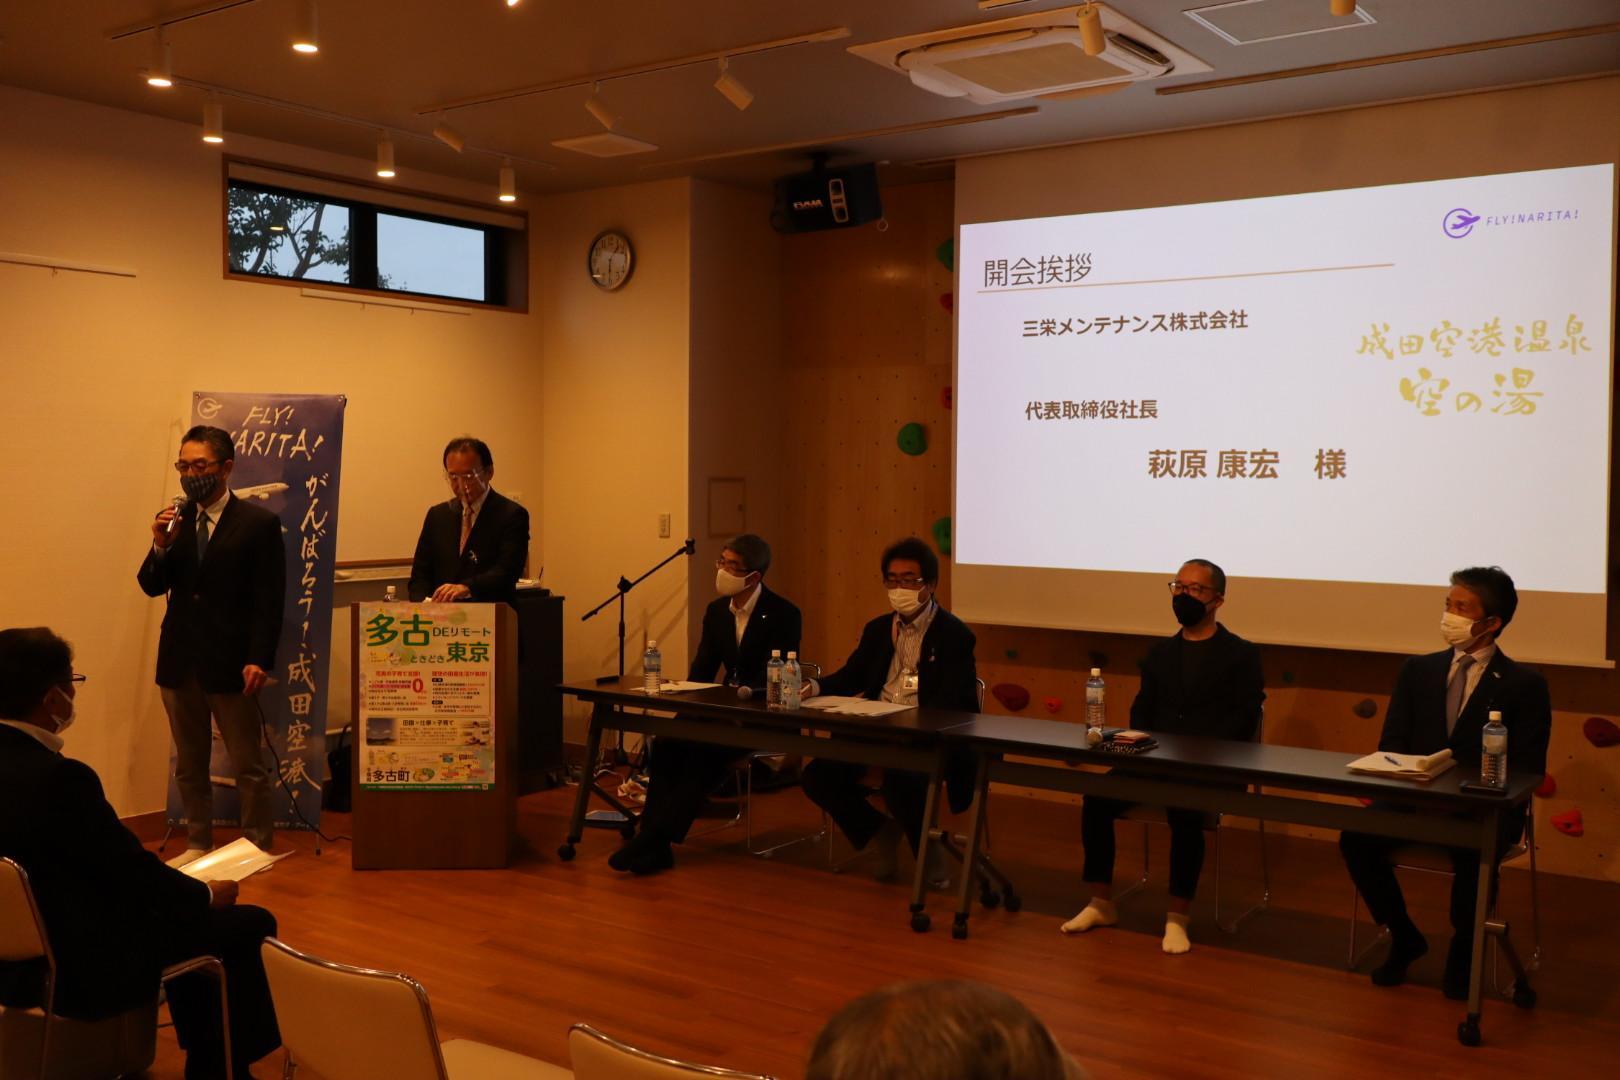 『第3回成田ビジネス講座』開催レポート